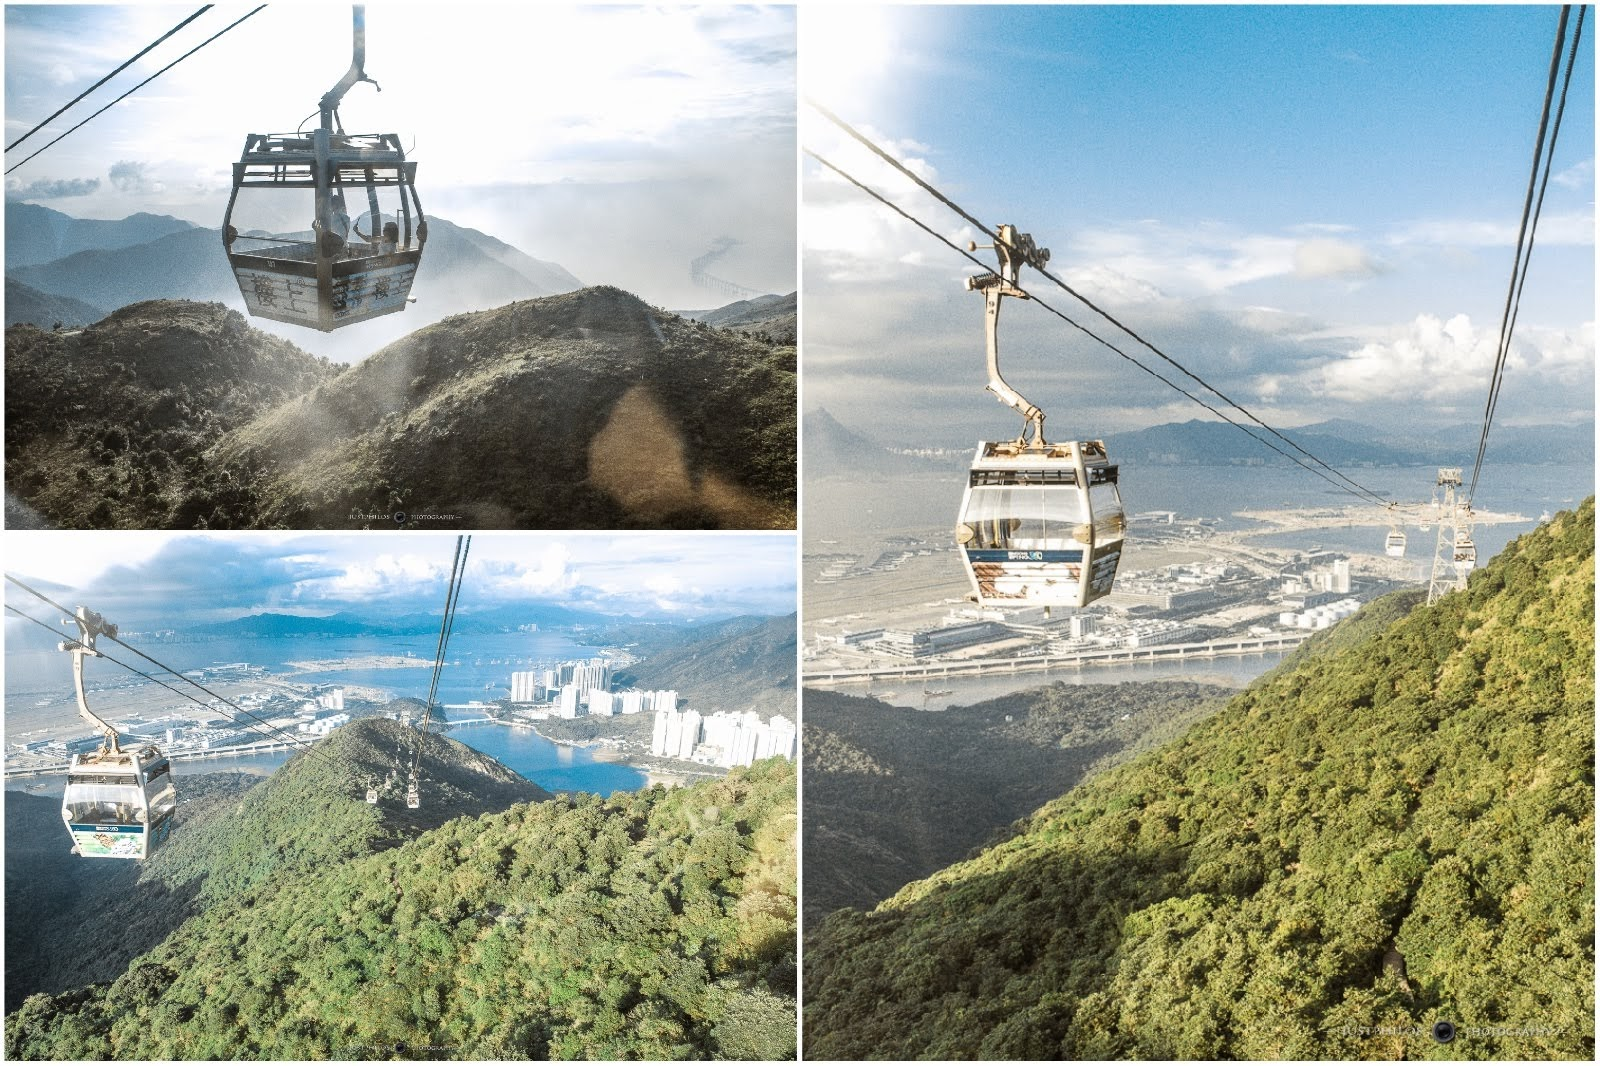 搭乘昂坪纜車20分鐘的車程可以體驗上山下海的香港景色。